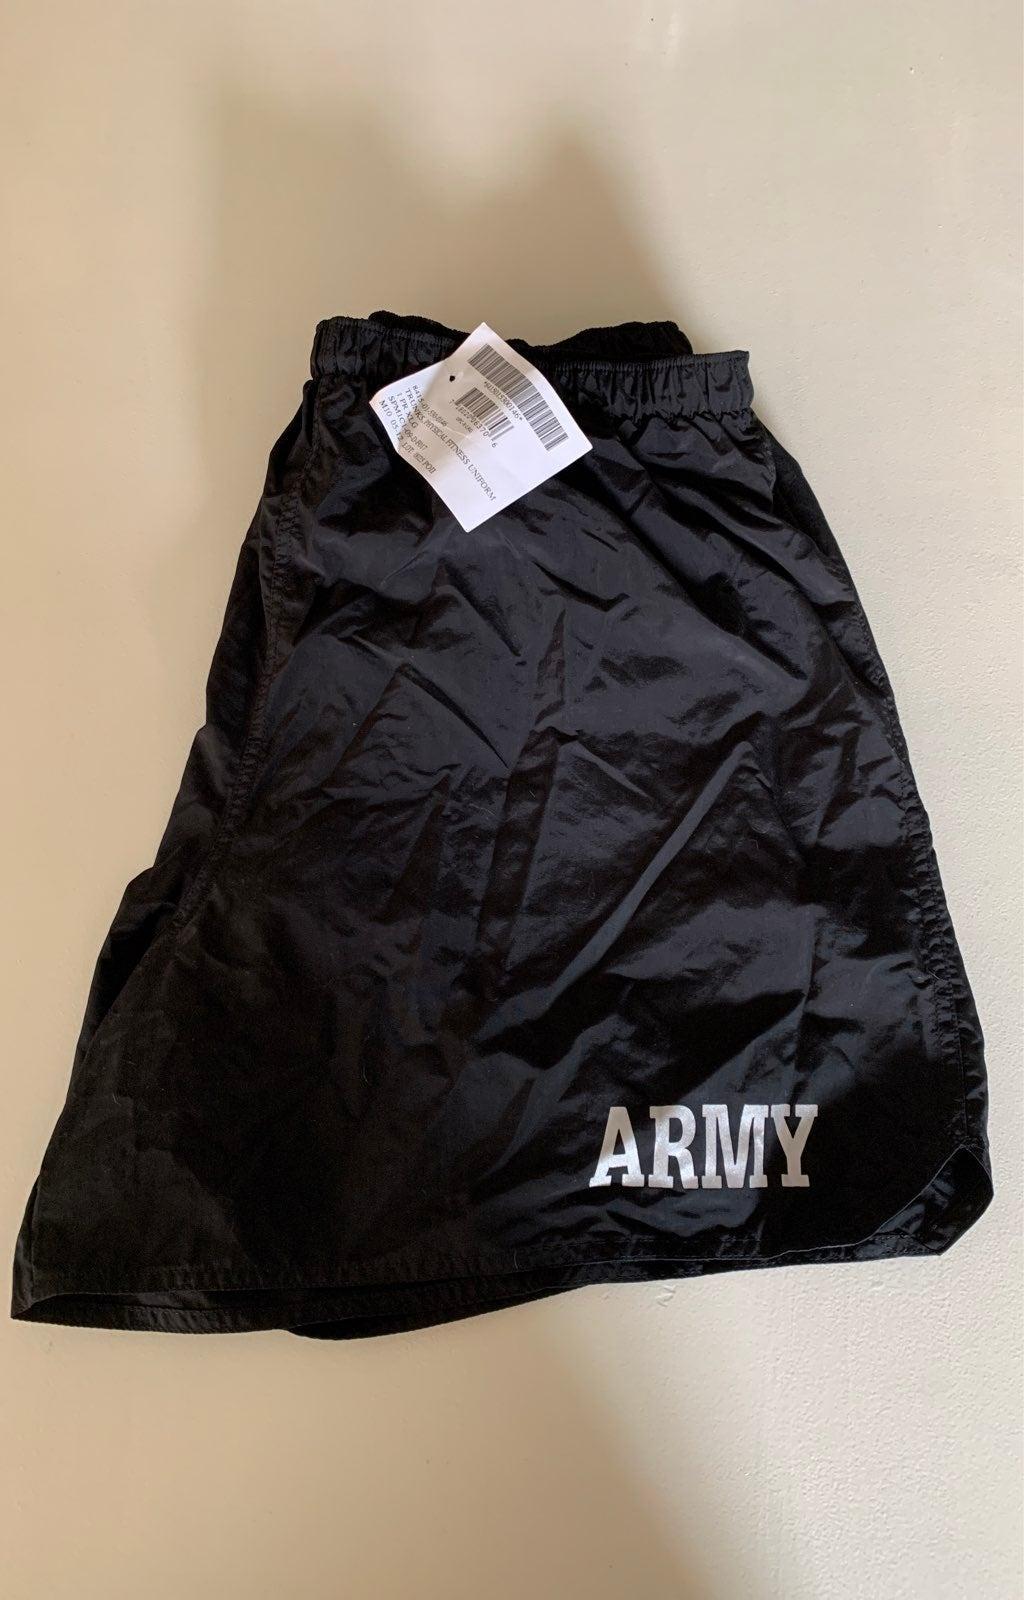 Unisex Shorts/ trunks